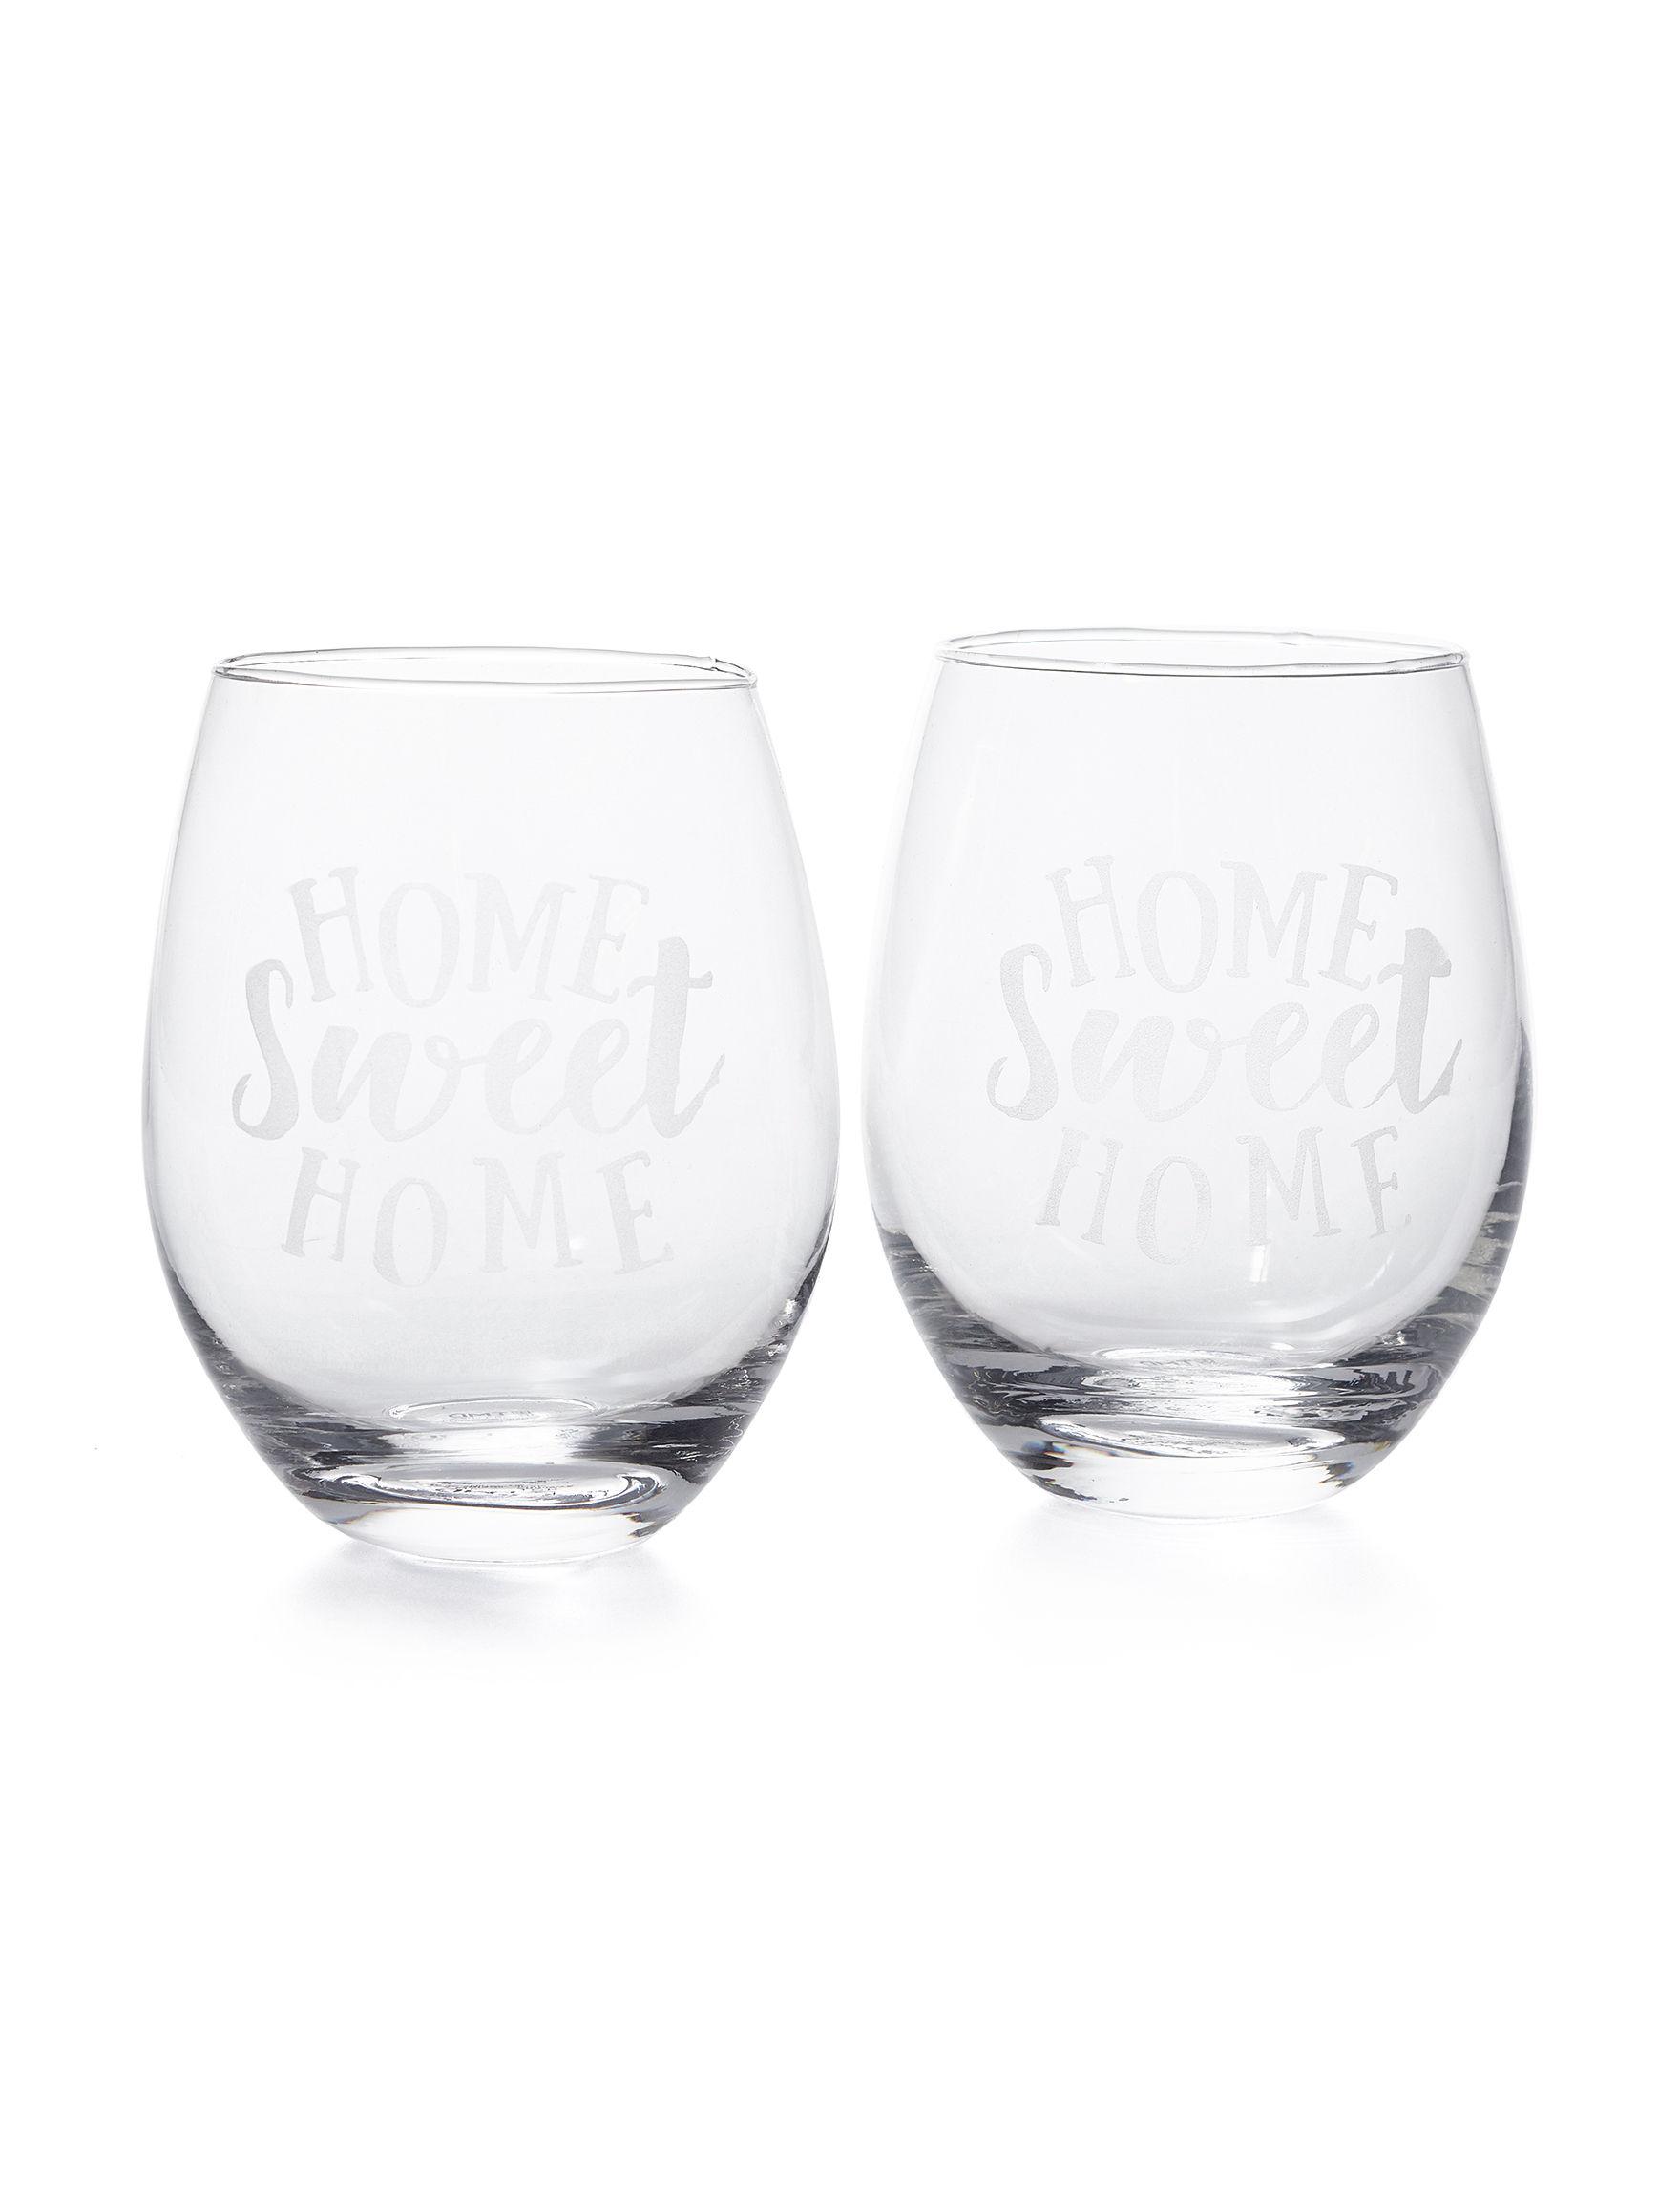 TMD Holdings White Wine Glasses Drinkware